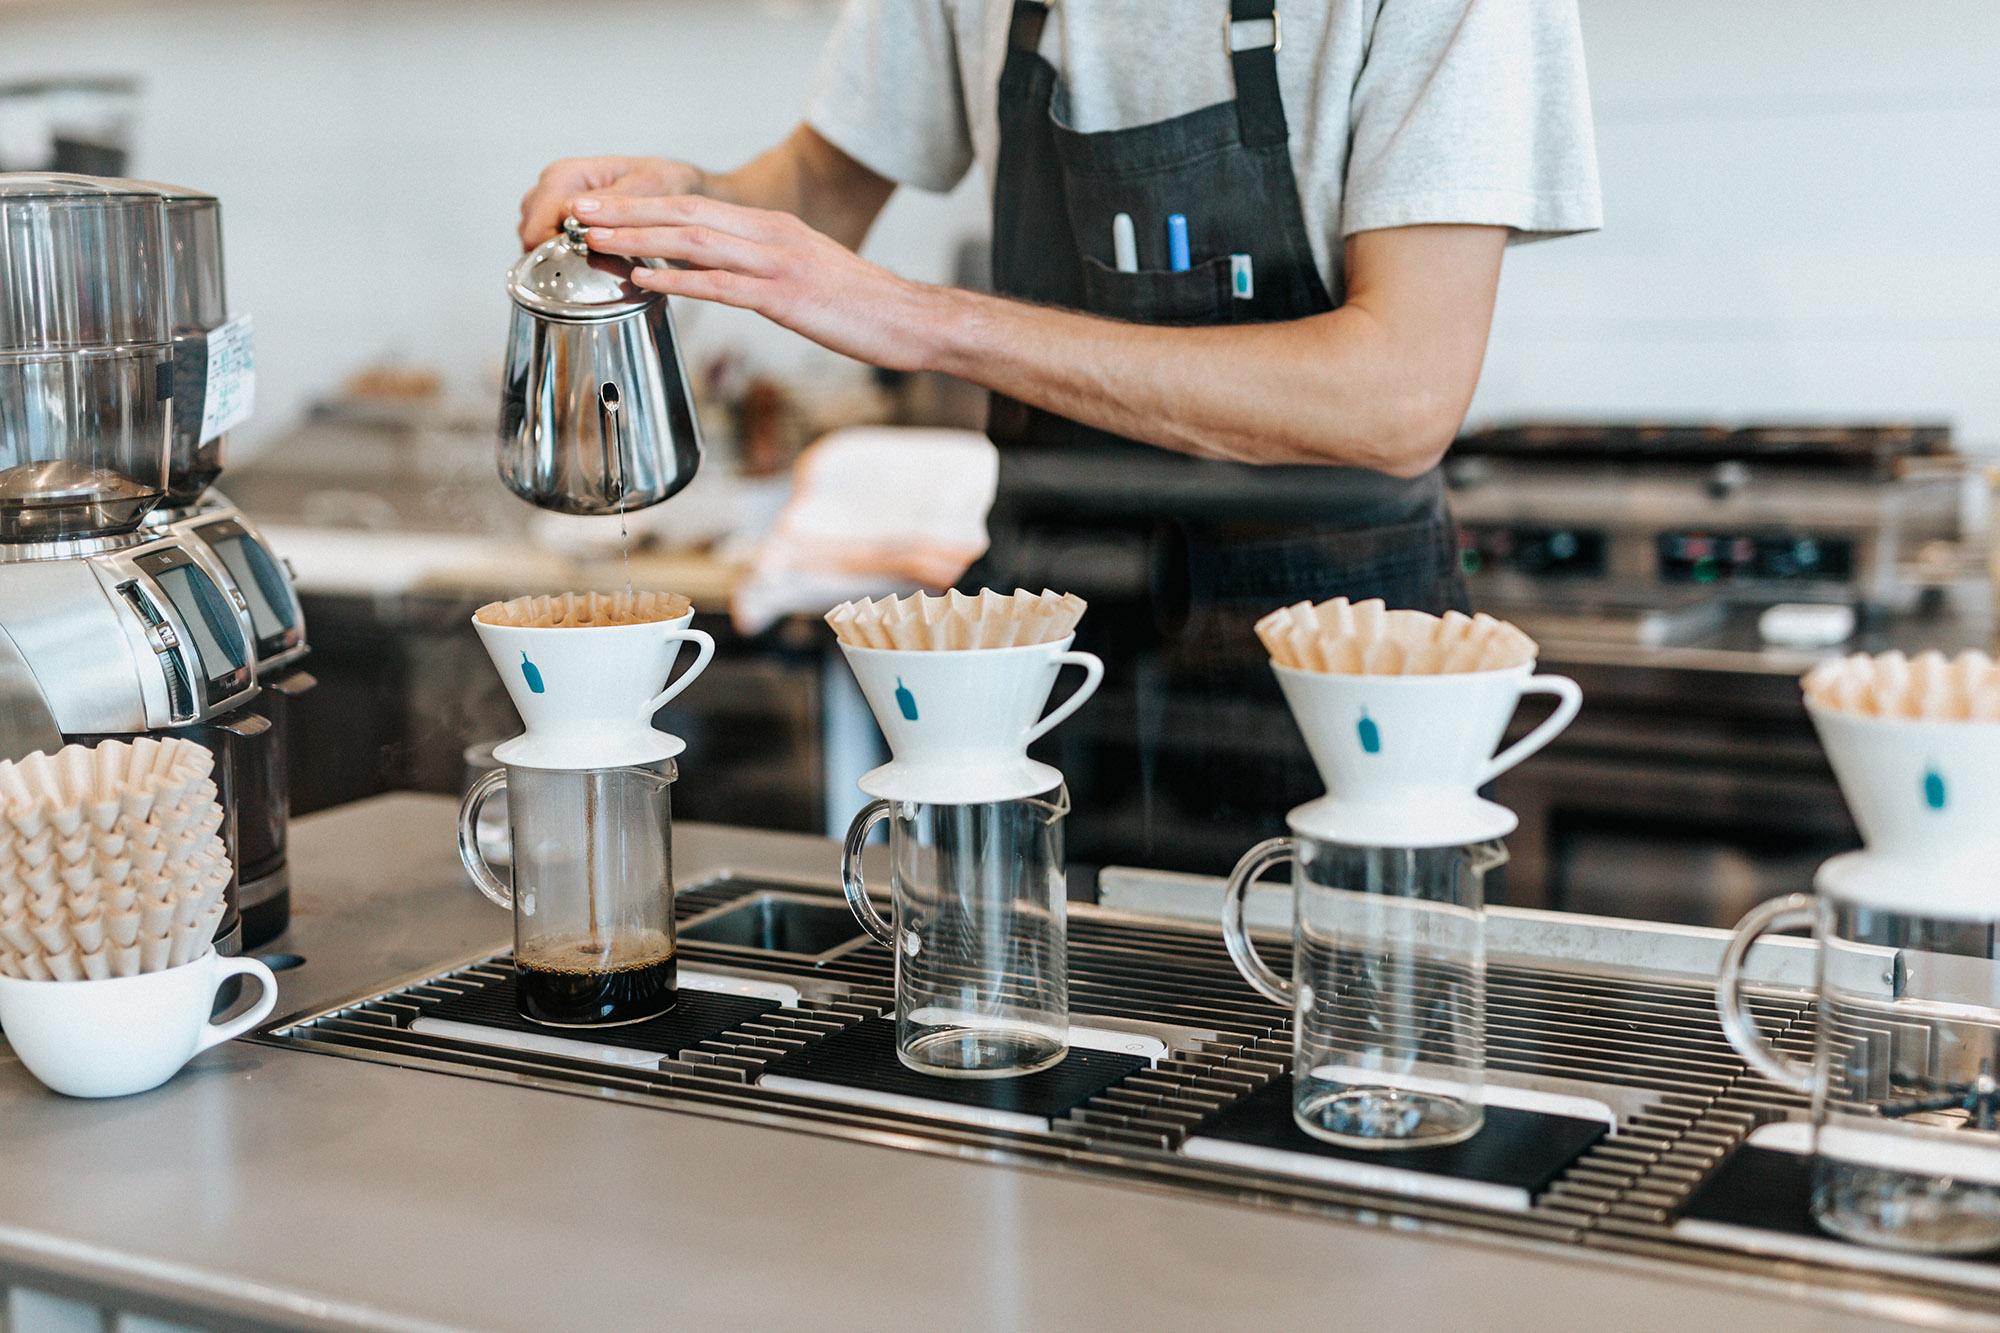 Preparación de cafés en  Blue Bottle Coffee  de Los Angeles, CA. Foto:  Tyler Nix